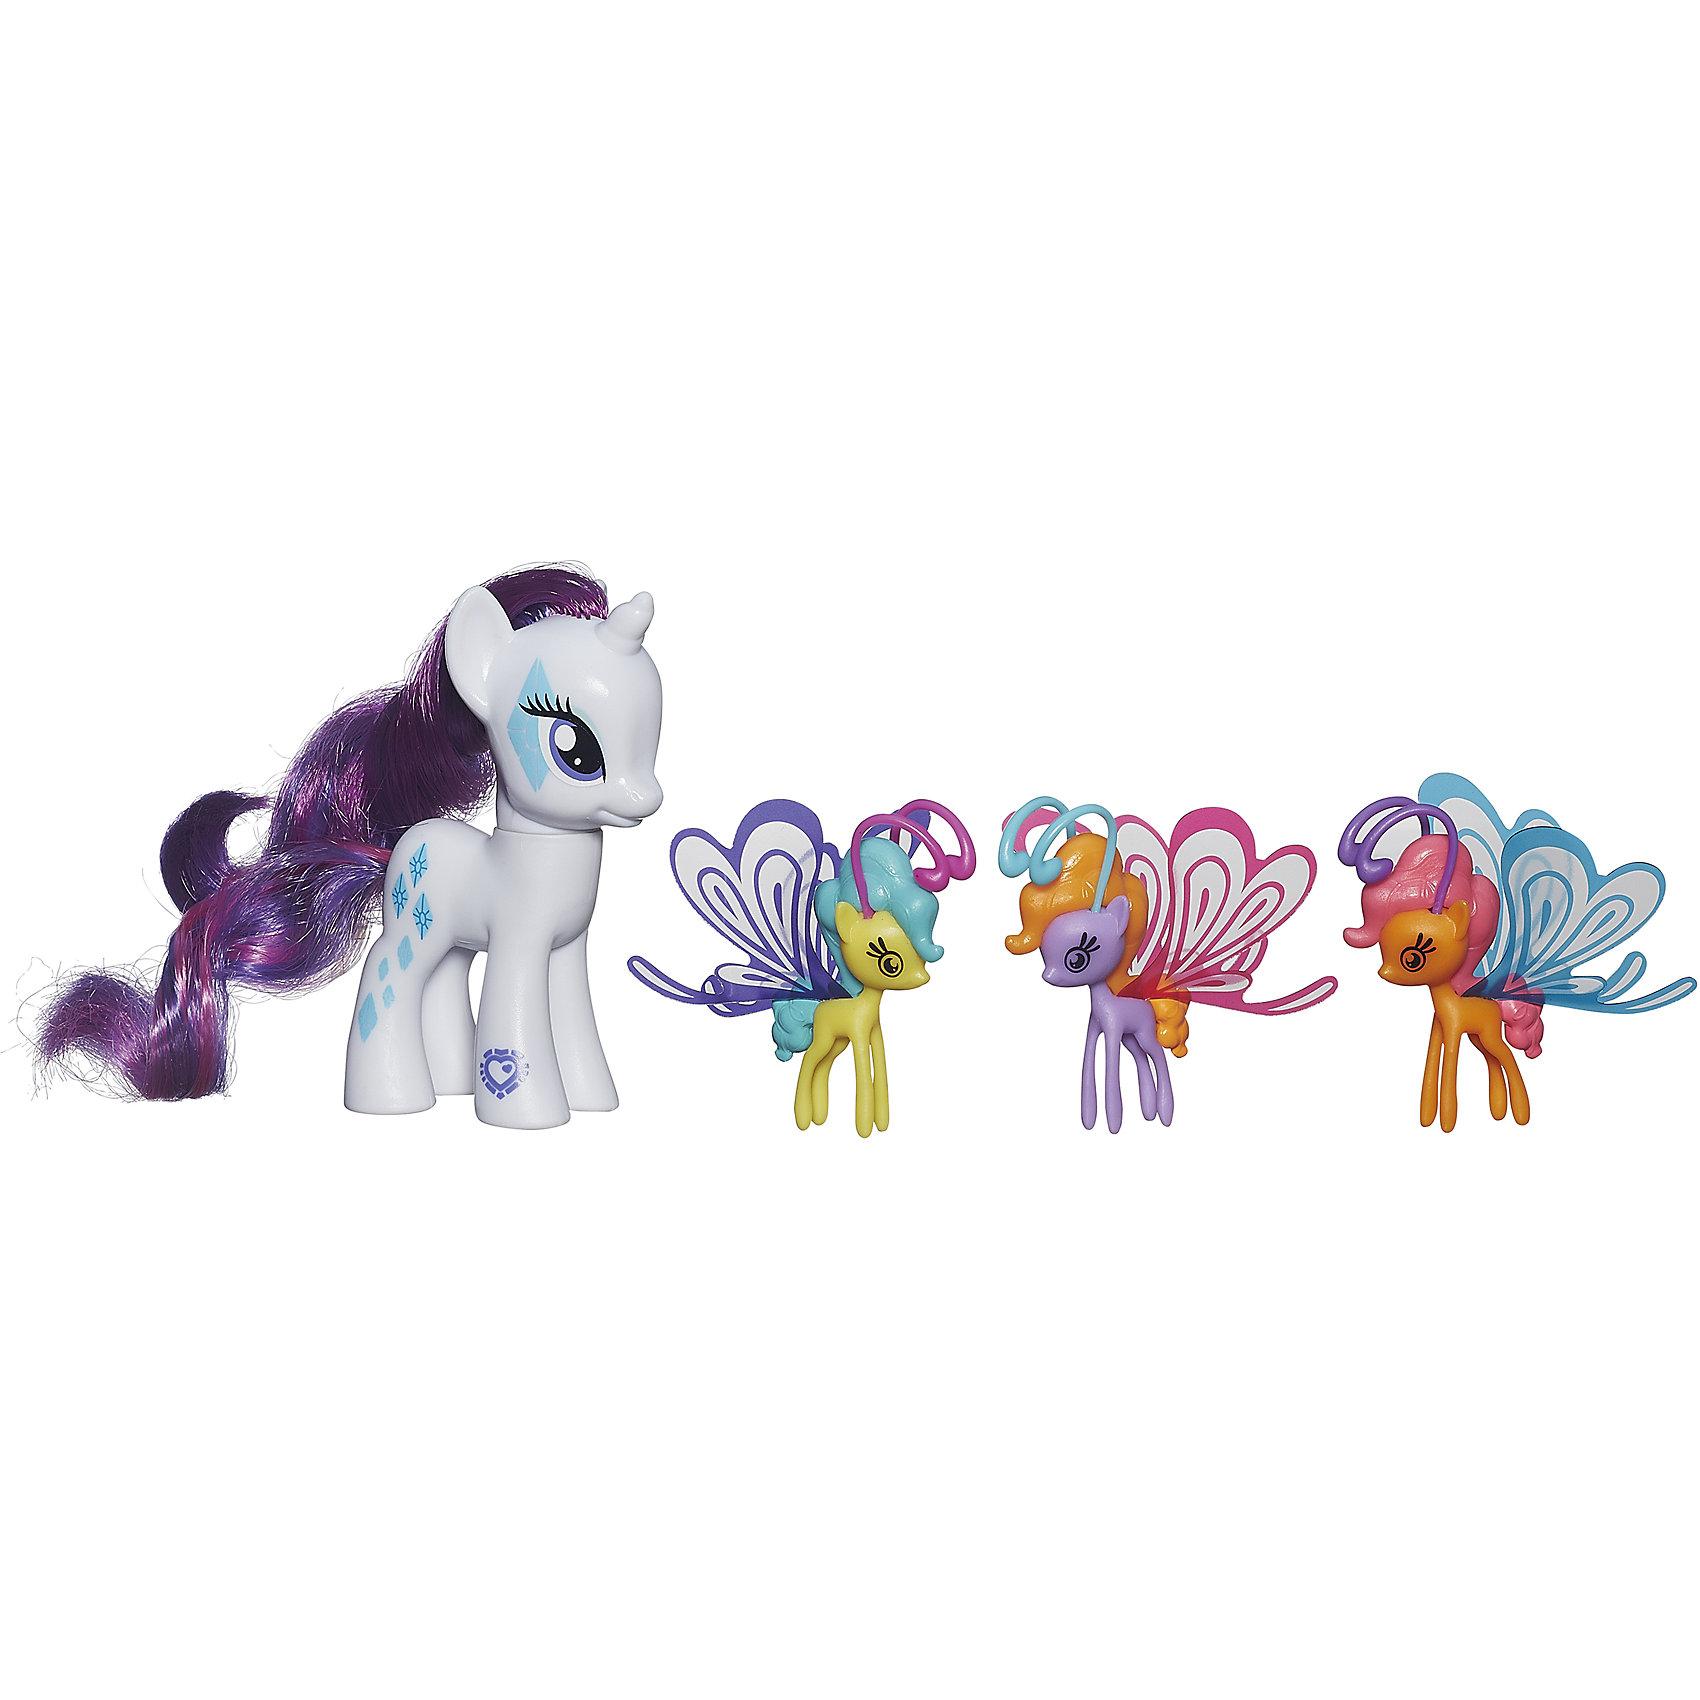 Hasbro Пони Делюкс с волшебными крыльями, My little Pony,  B3014/B0358 mymilly с 2 фасадами 90 см пони